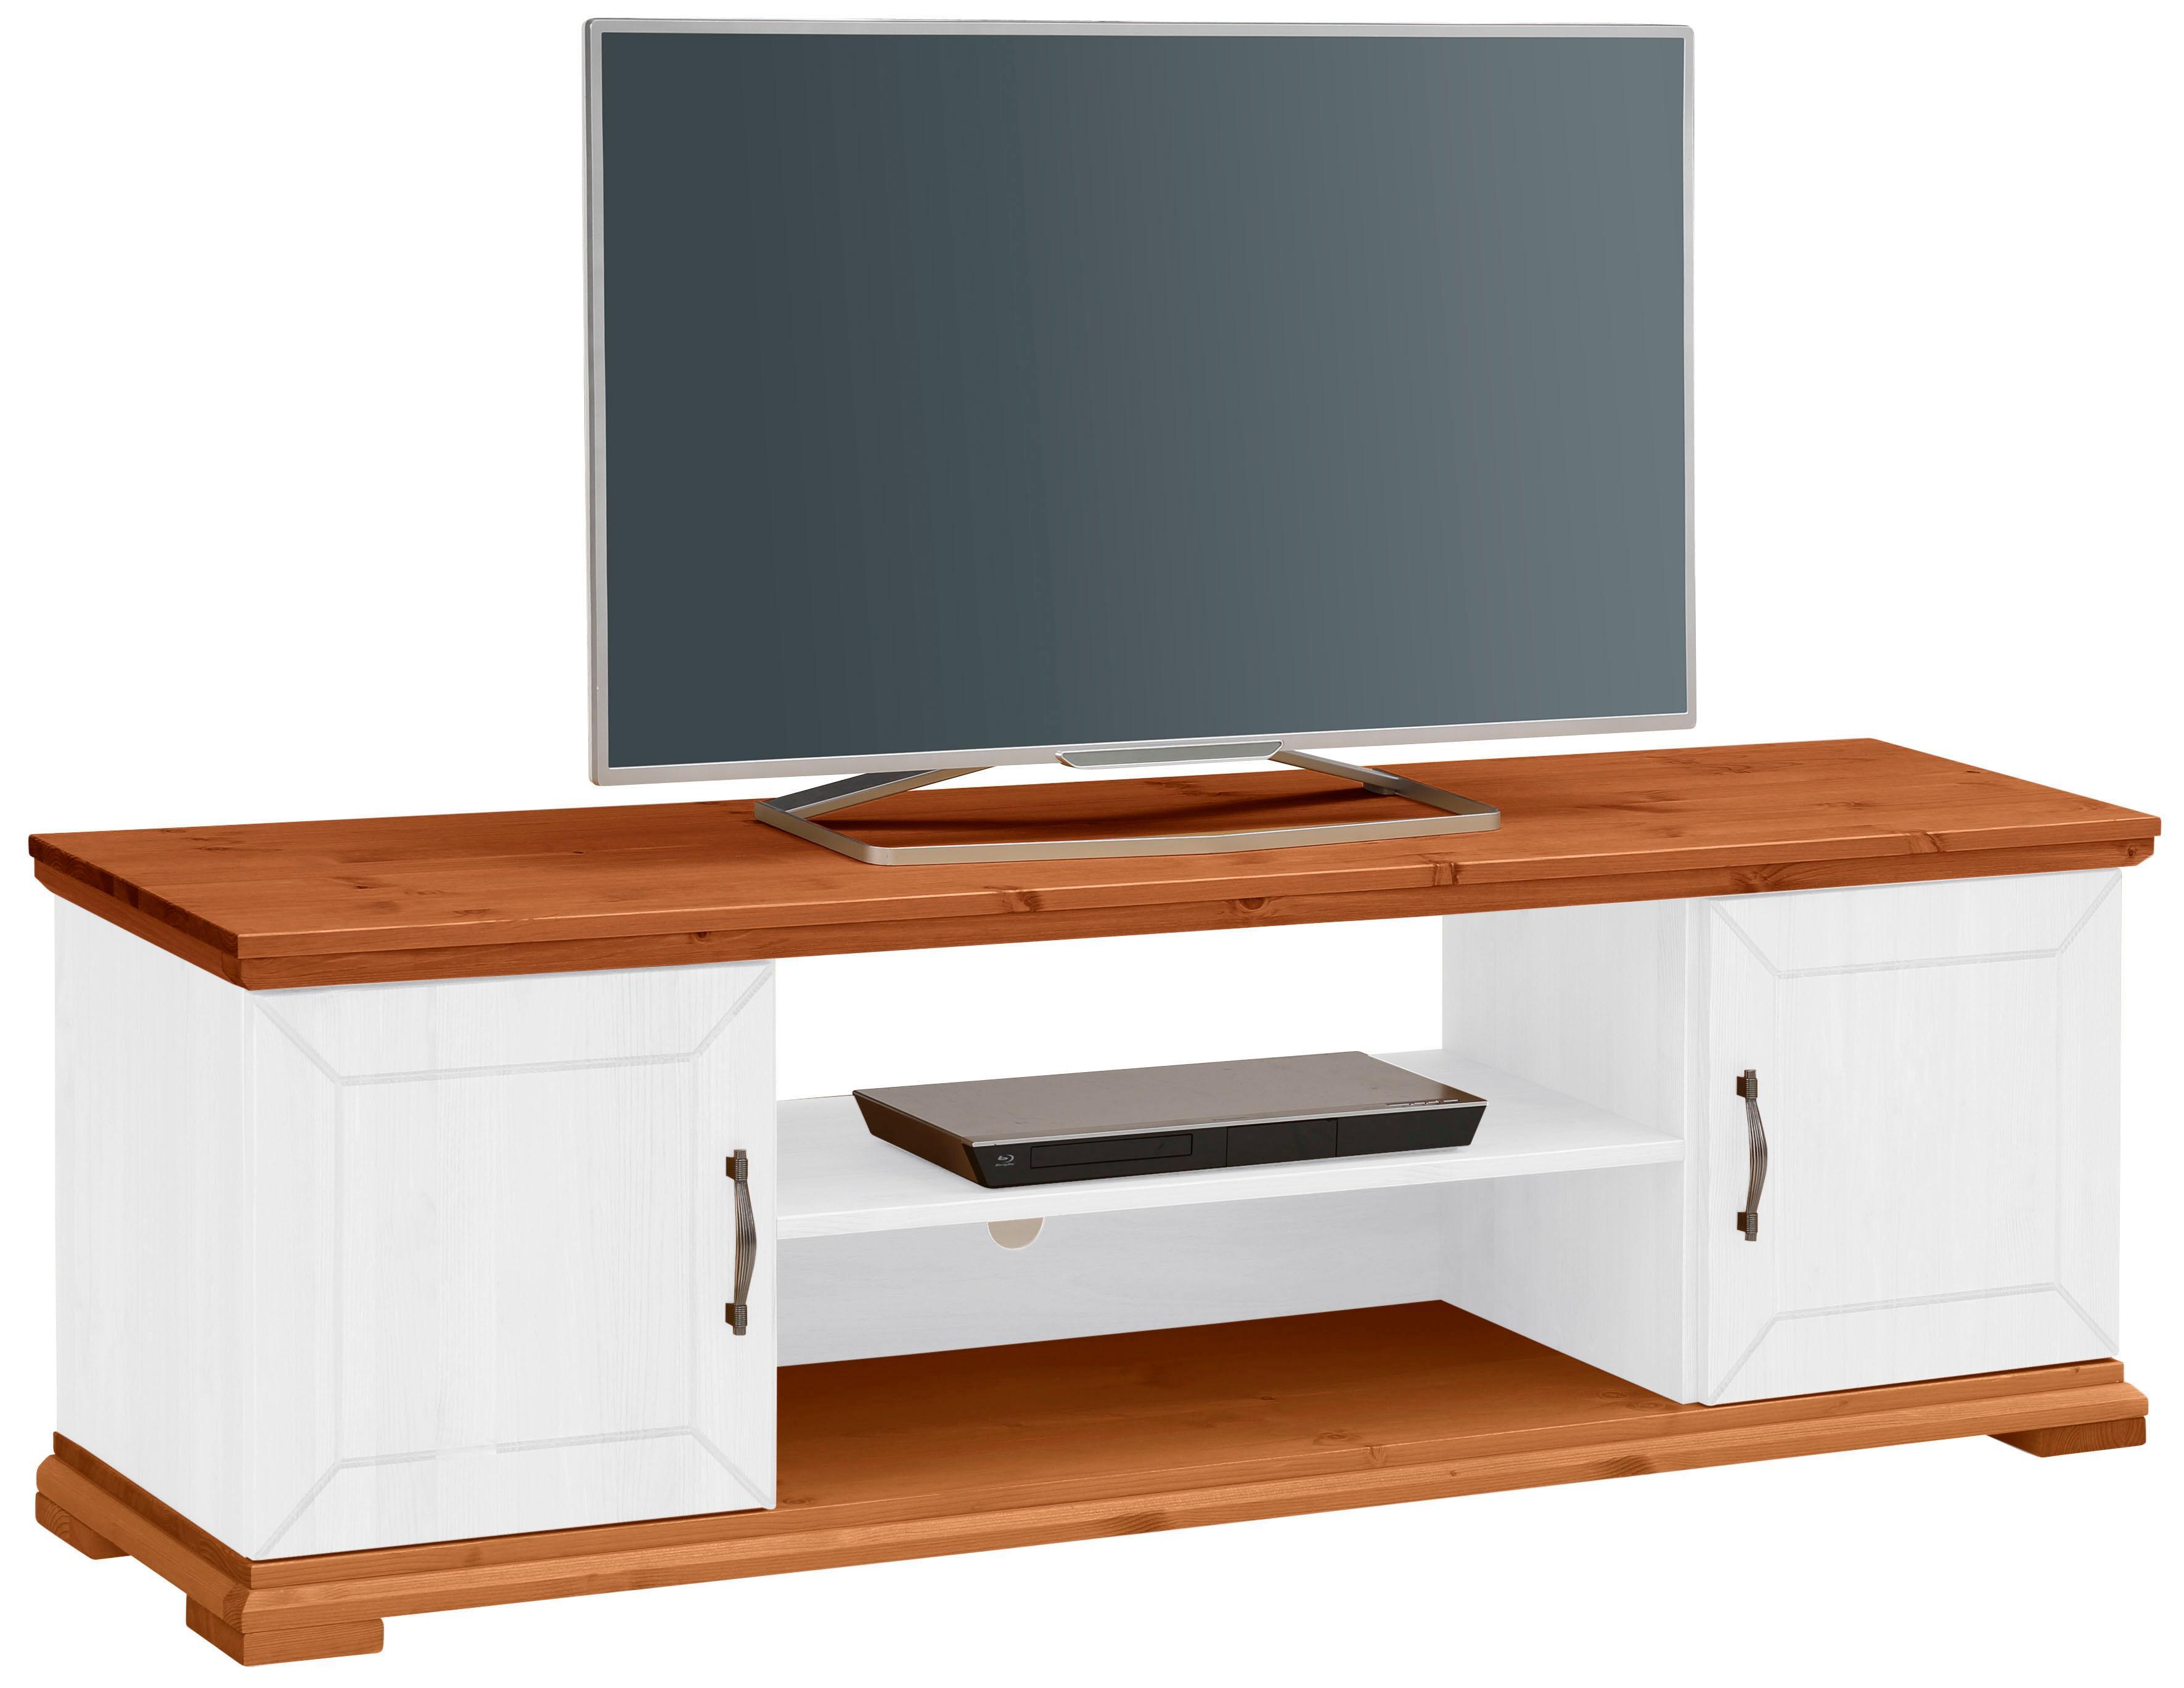 Home affaire TV Lowboard Castello aus massiver Kiefer mit praktischer Kabeldurchführung Breite 157 cm